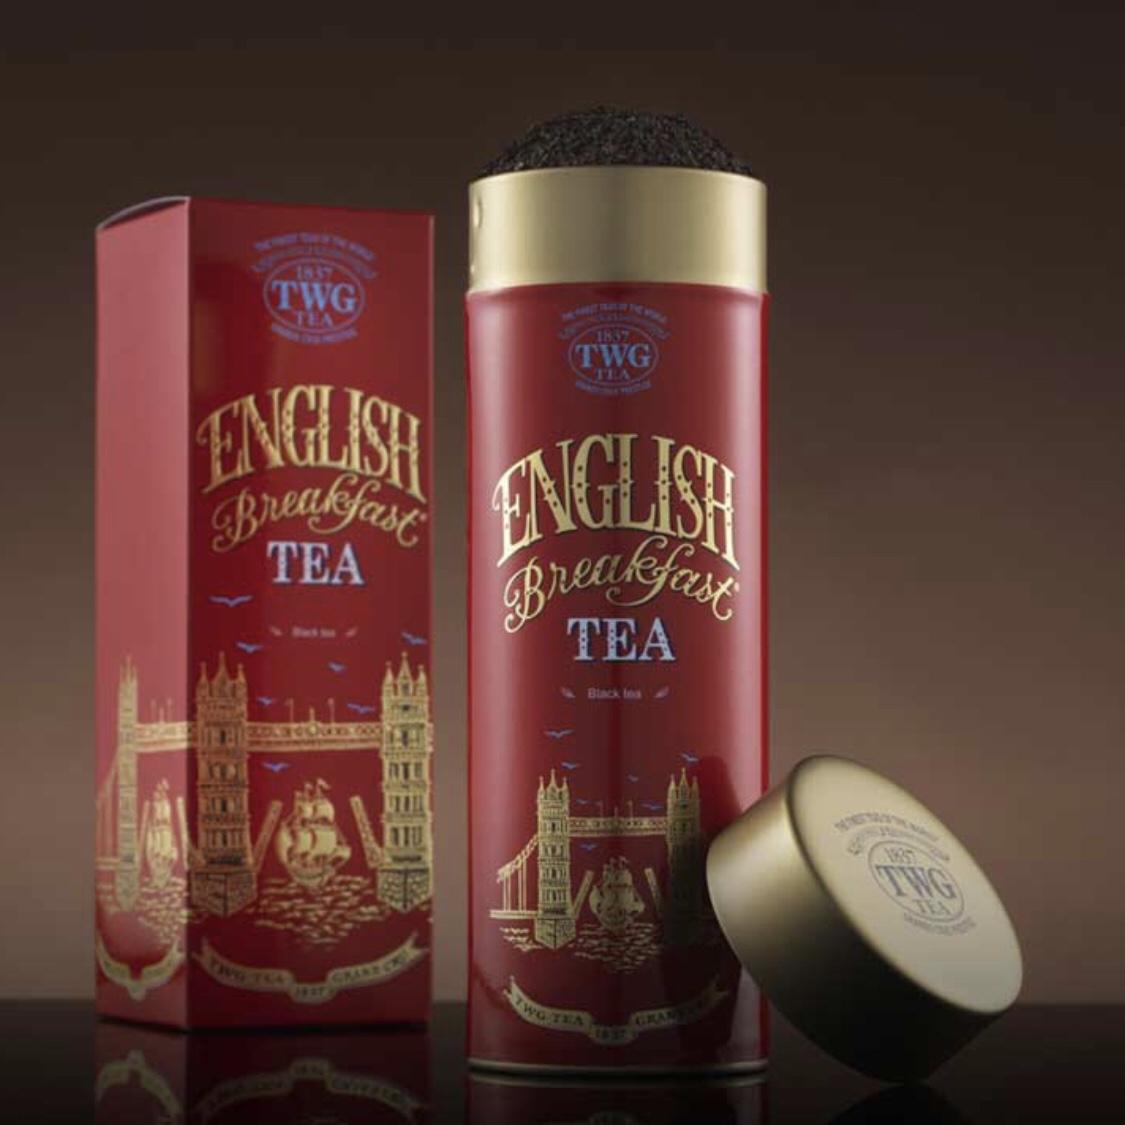 现货 新加坡特产 新加坡TWG茶叶英国早餐红茶 tea 100g礼盒 包邮